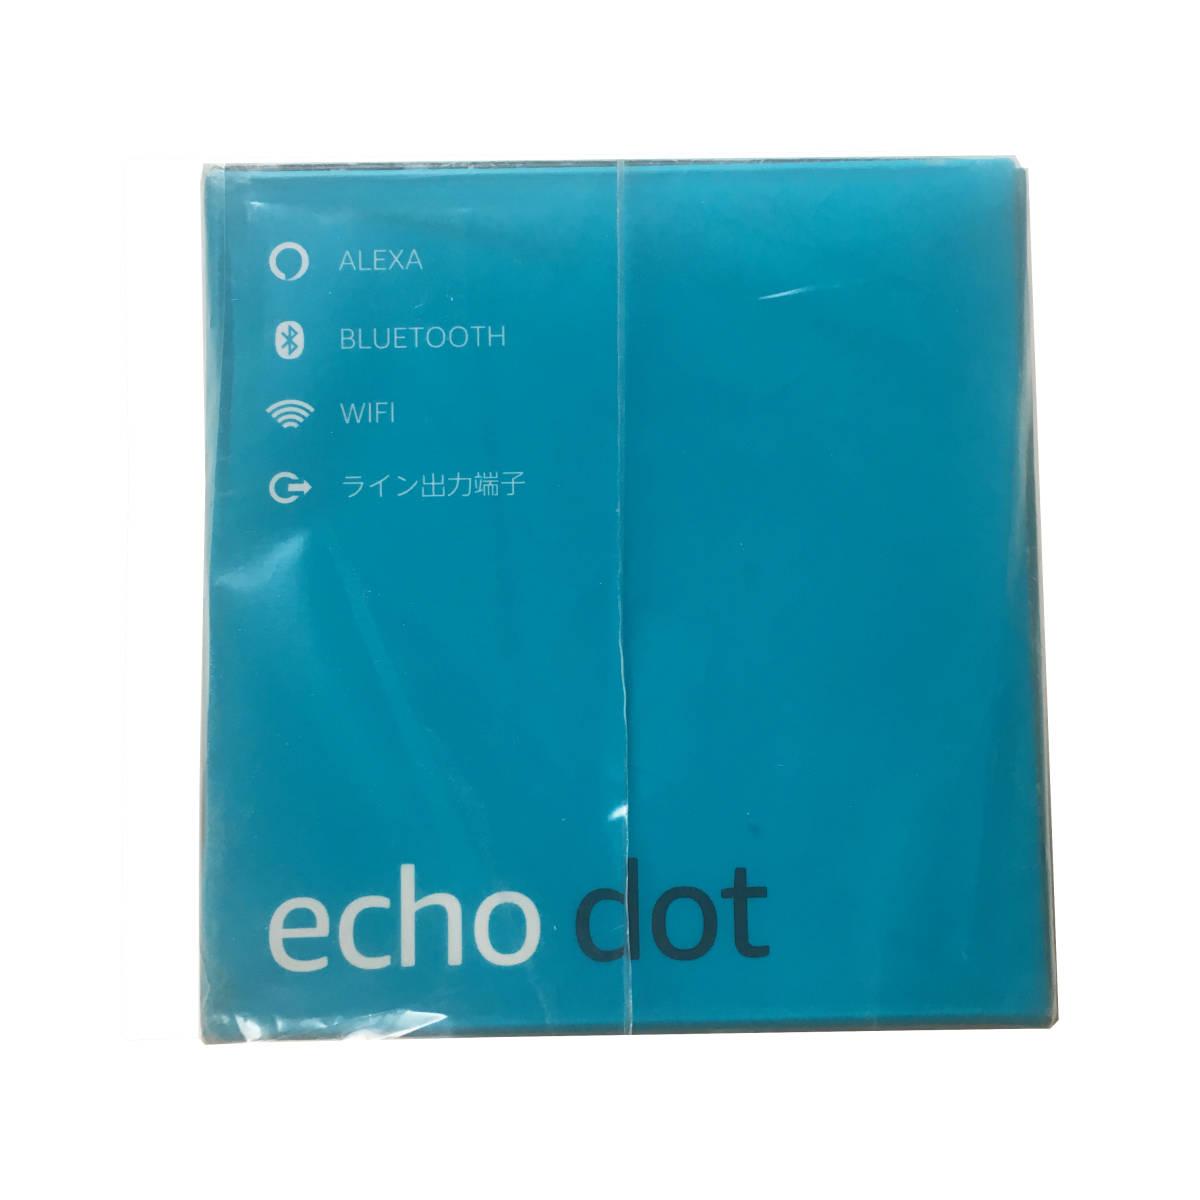 【新品・未開封】 Amazon 第3世代 Echo Dot Alexa対応 スマートスピーカー サンドストーン_画像3